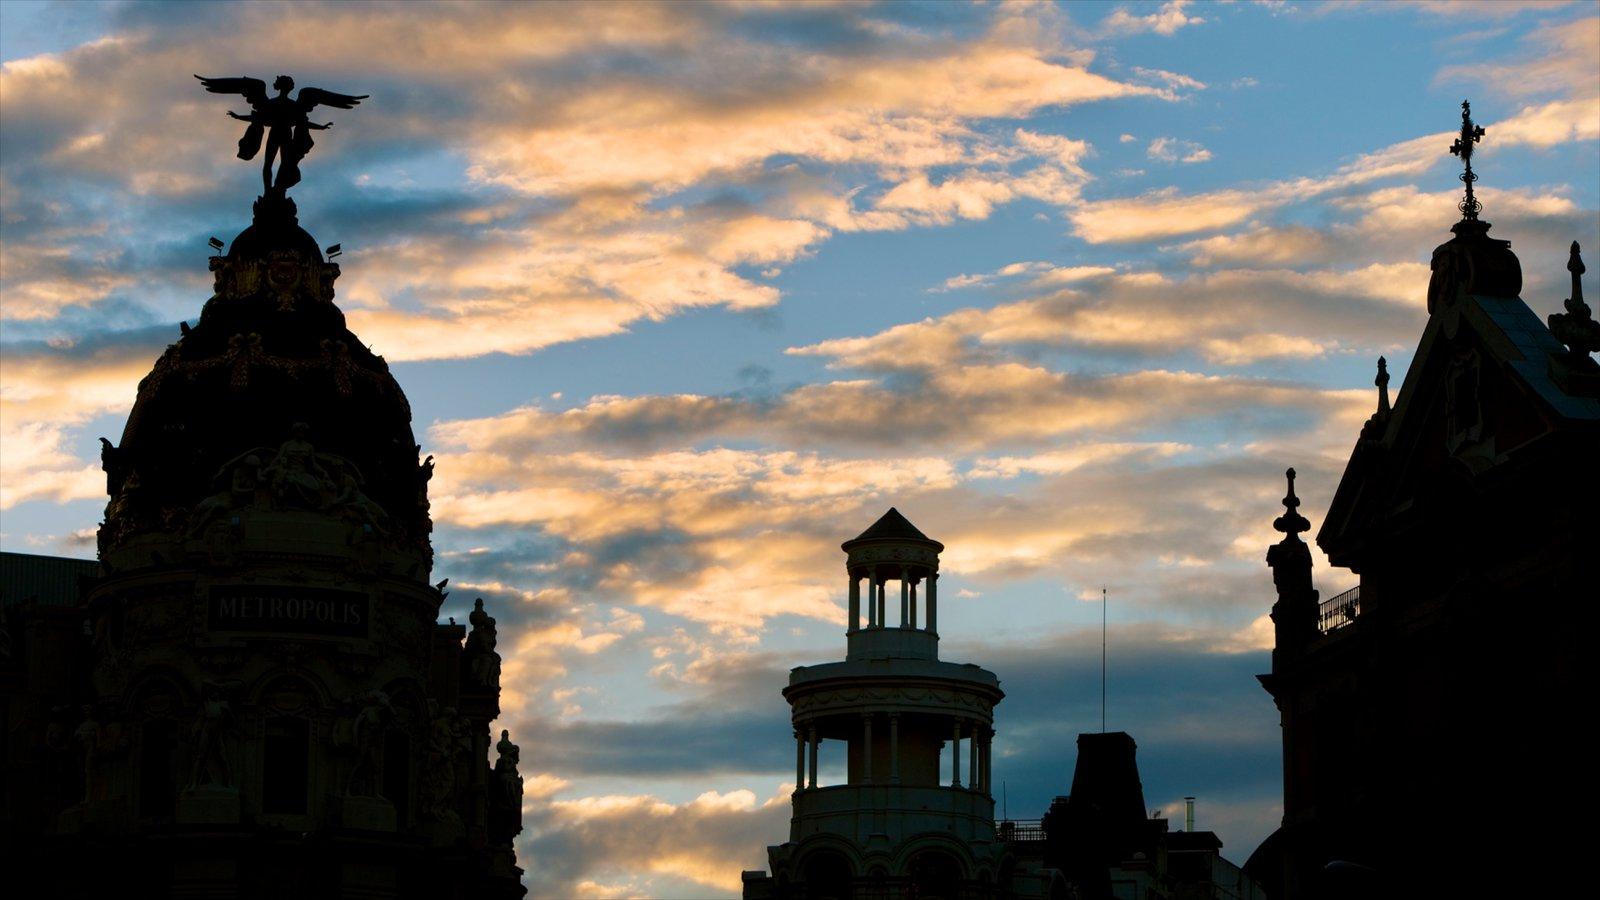 Gran Vía - Puerta del Sol mostrando una iglesia o catedral, una puesta de sol y patrimonio de arquitectura